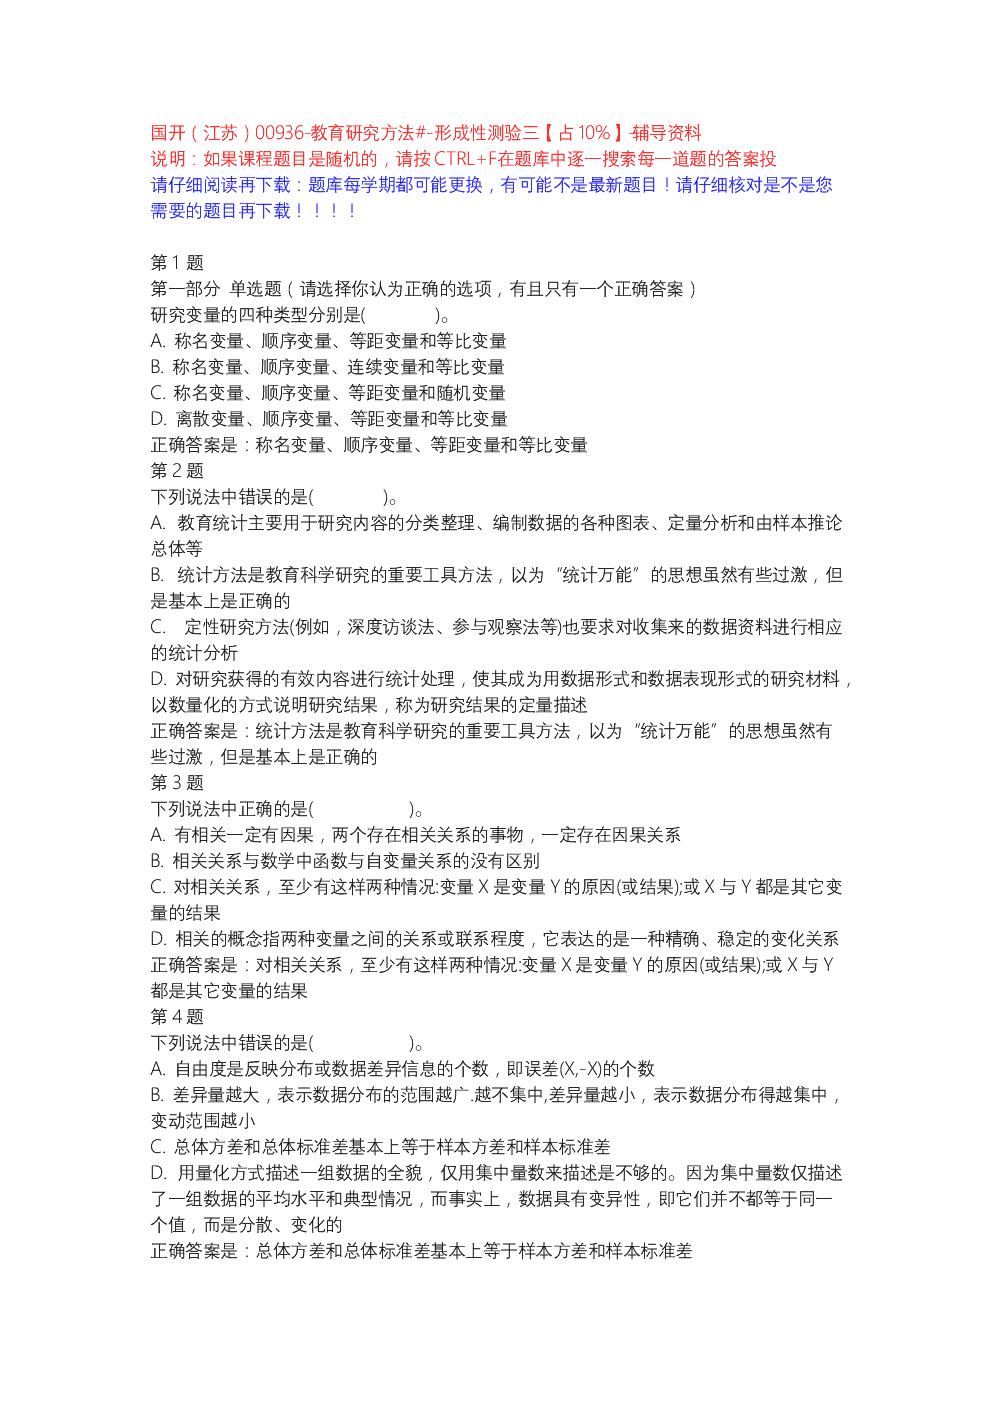 国开(江苏)00936-教育研究方法#-形成性测验三【占10%】-辅导资料.docx